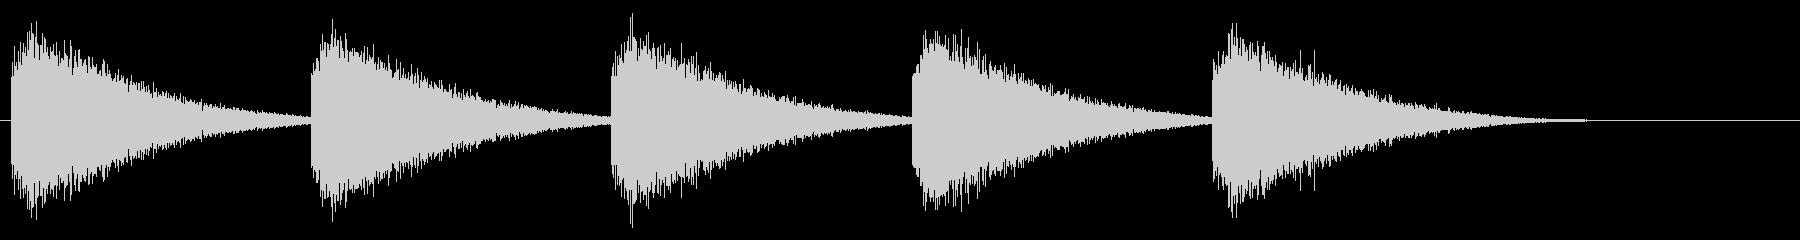 ゴーンゴーン/大時計の鐘/ホラー/ 01の未再生の波形